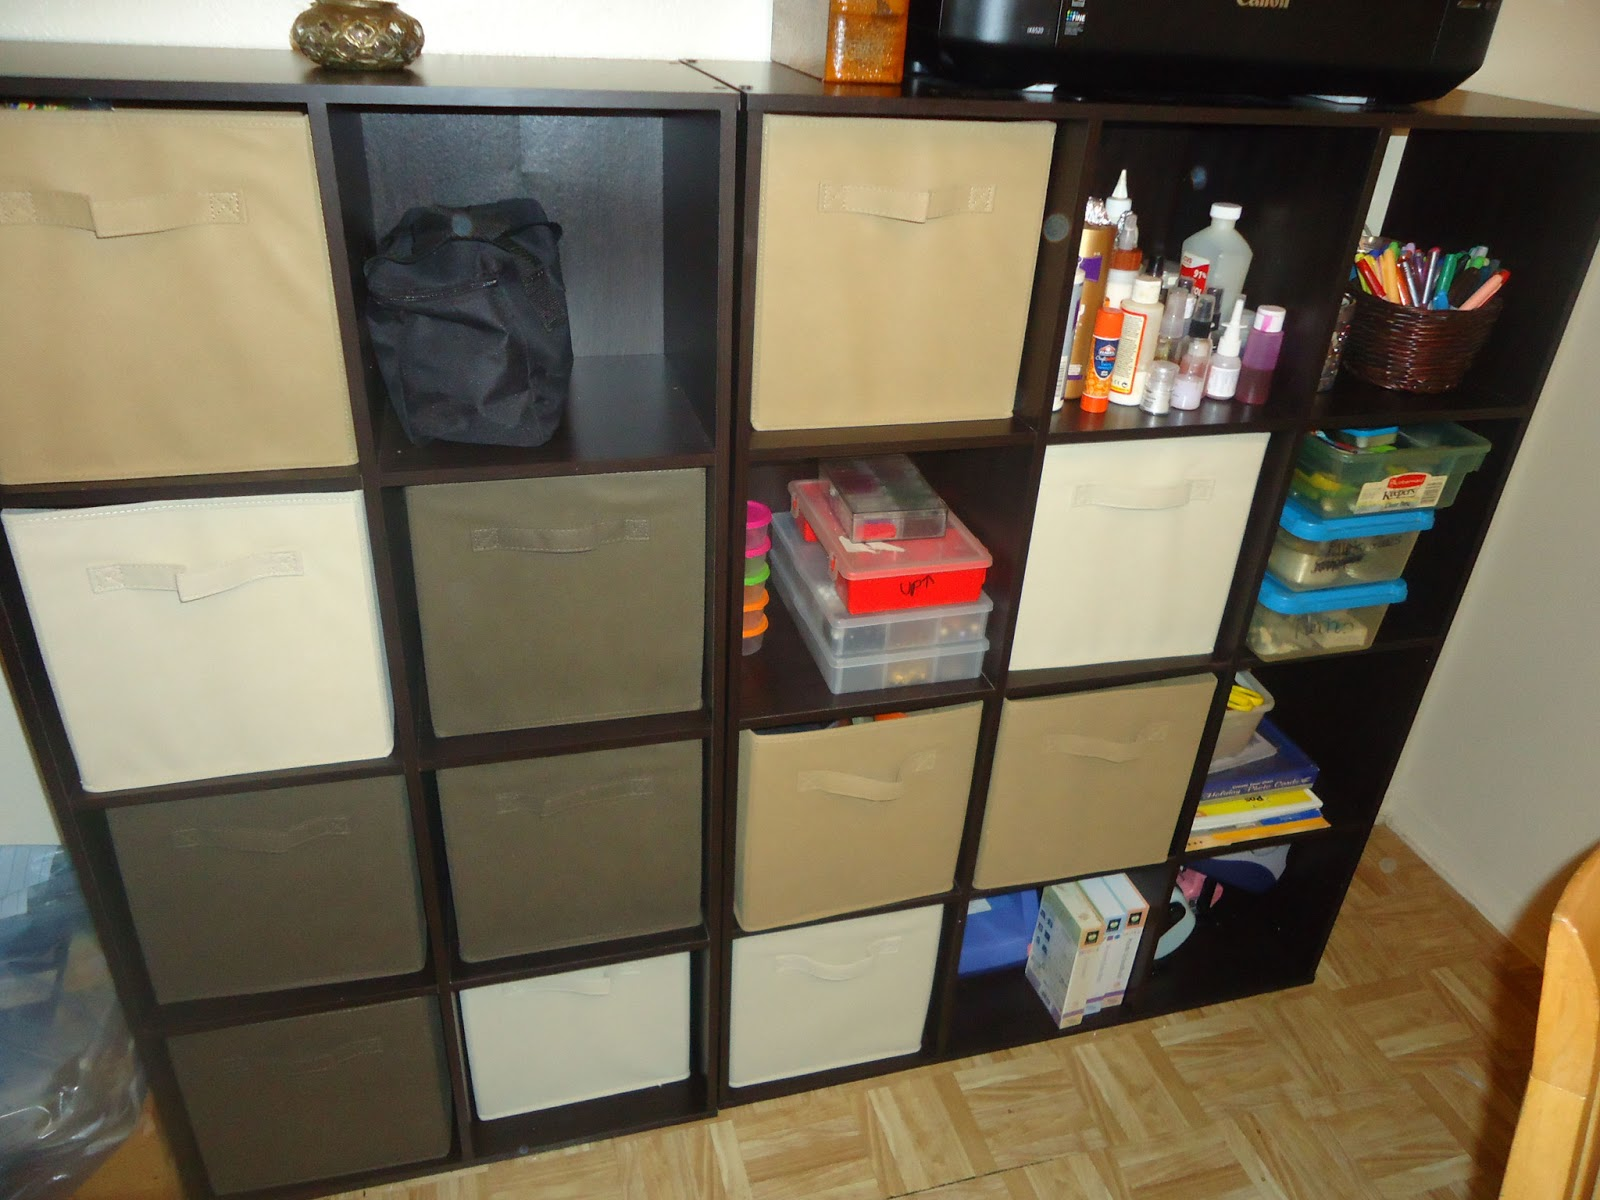 frugal home design february 2013. Black Bedroom Furniture Sets. Home Design Ideas